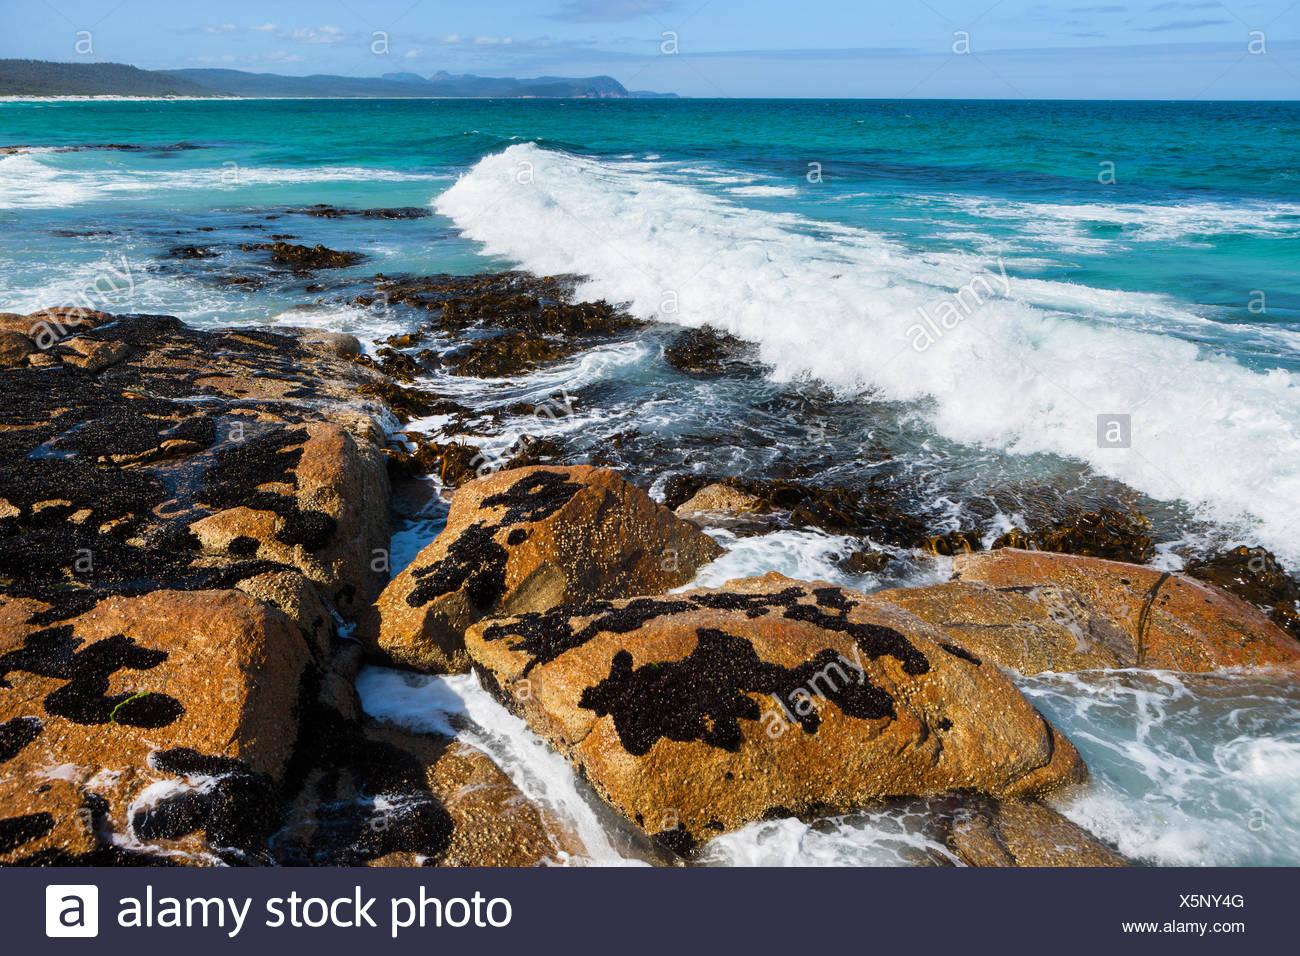 Plages, l'Australie, la Tasmanie, sur la côte est, dans la mer, côte, vagues, rochers, falaises, Banque D'Images